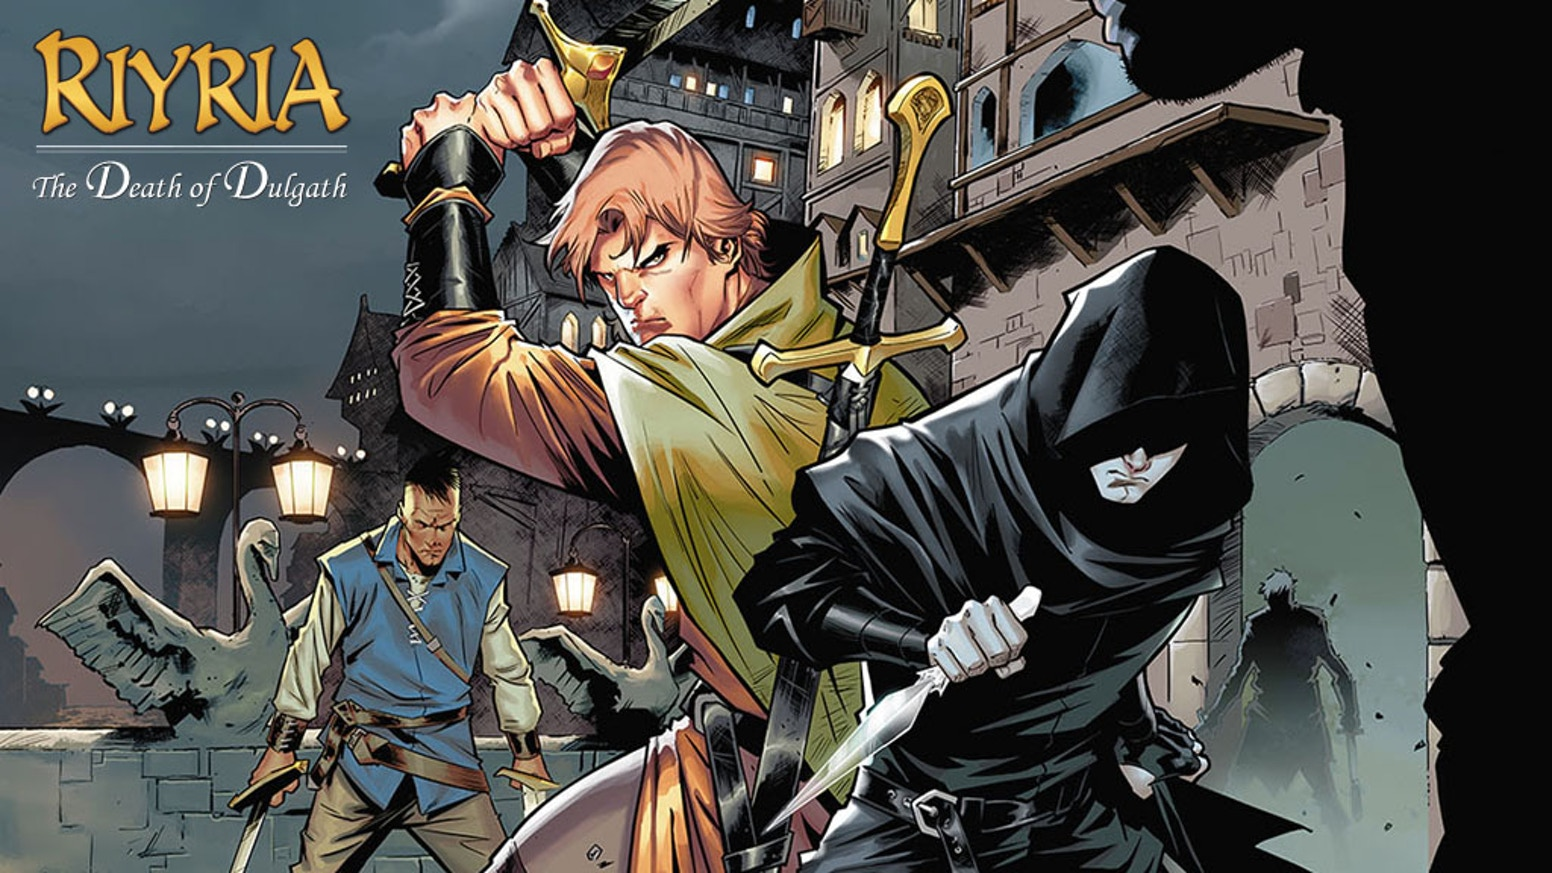 Riyria Graphic Novel: Epic Fantasy (The Death of Dulgath) by Dabel